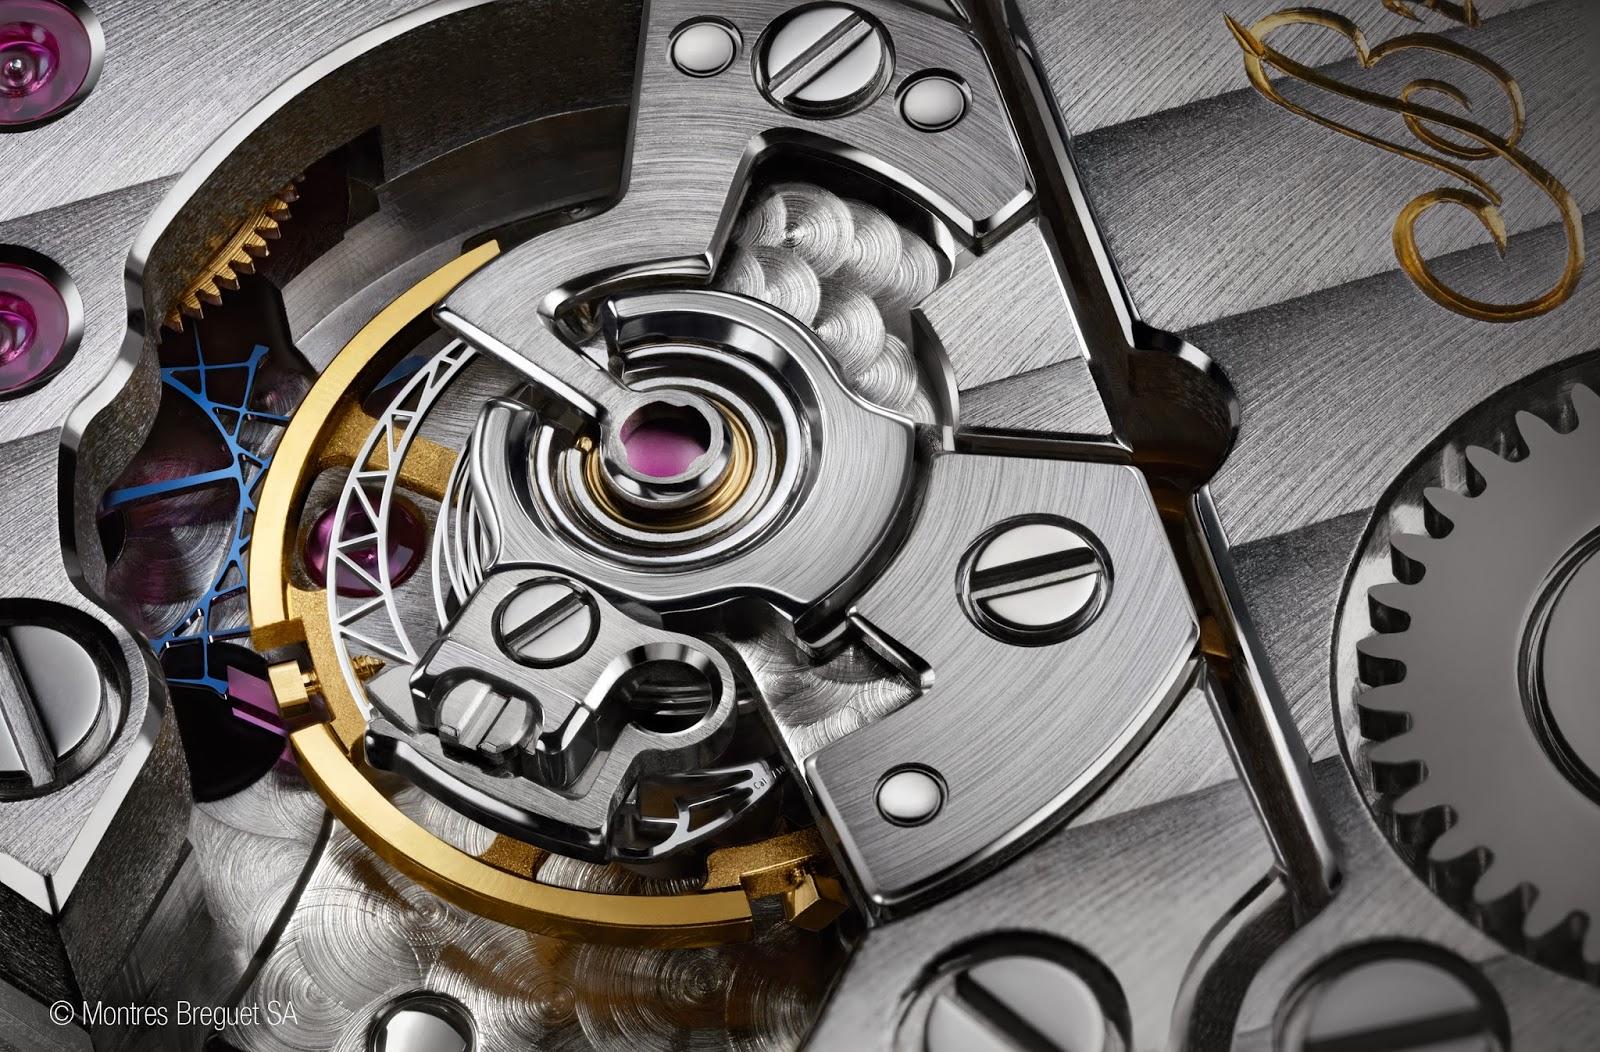 Balancier_sur_mouvement_chronometrie_detail_PR2_RGB